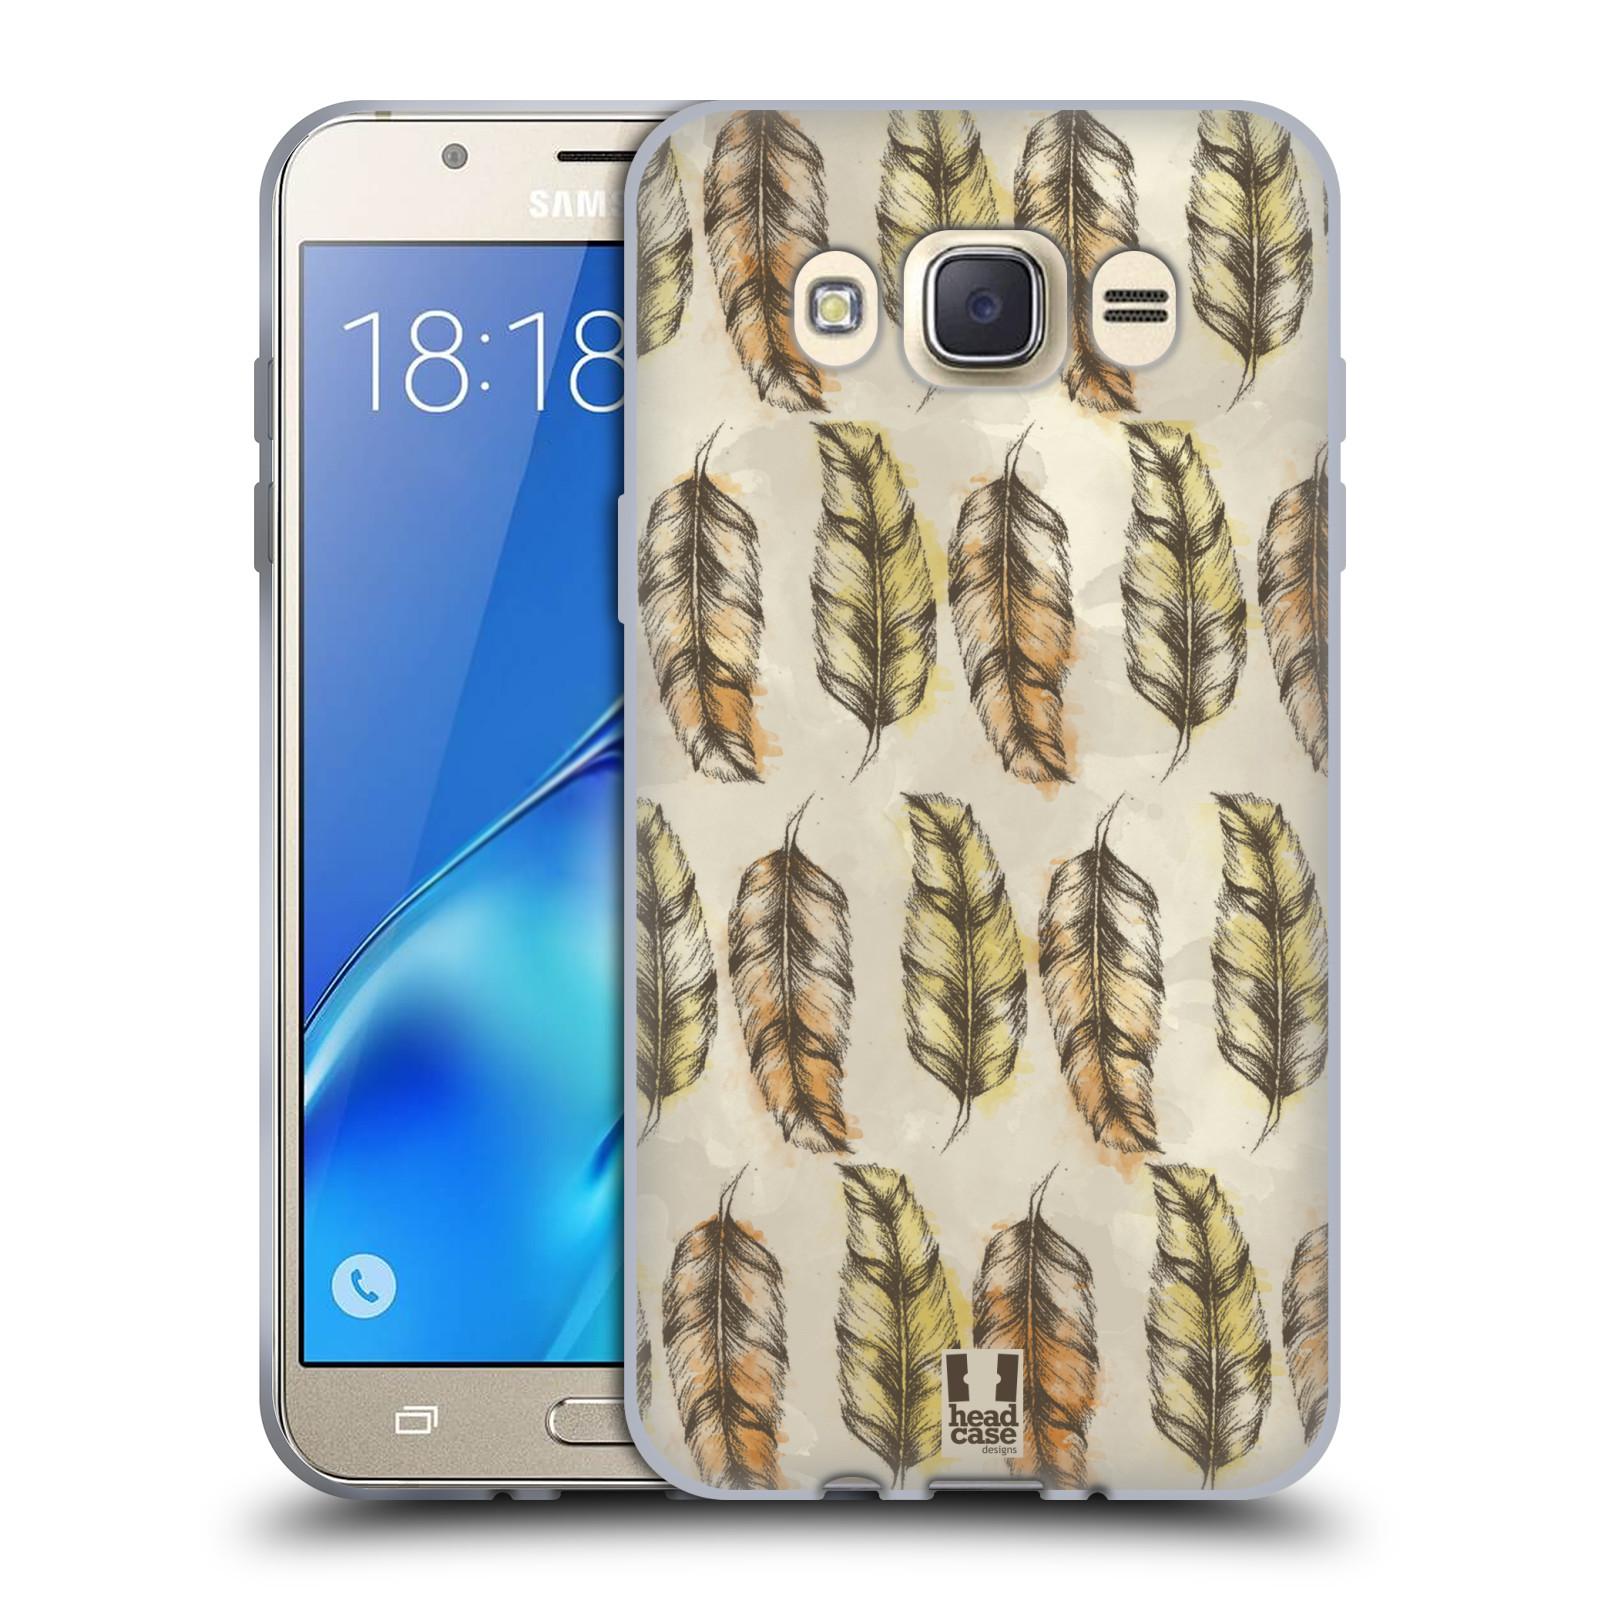 Silikonové pouzdro na mobil Samsung Galaxy J7 (2016) - Head Case - Bohémská pírka (Silikonový kryt či obal na mobilní telefon s motivem Bohemian Soul pro Samsung Galaxy J7 (2016) SM-J710)